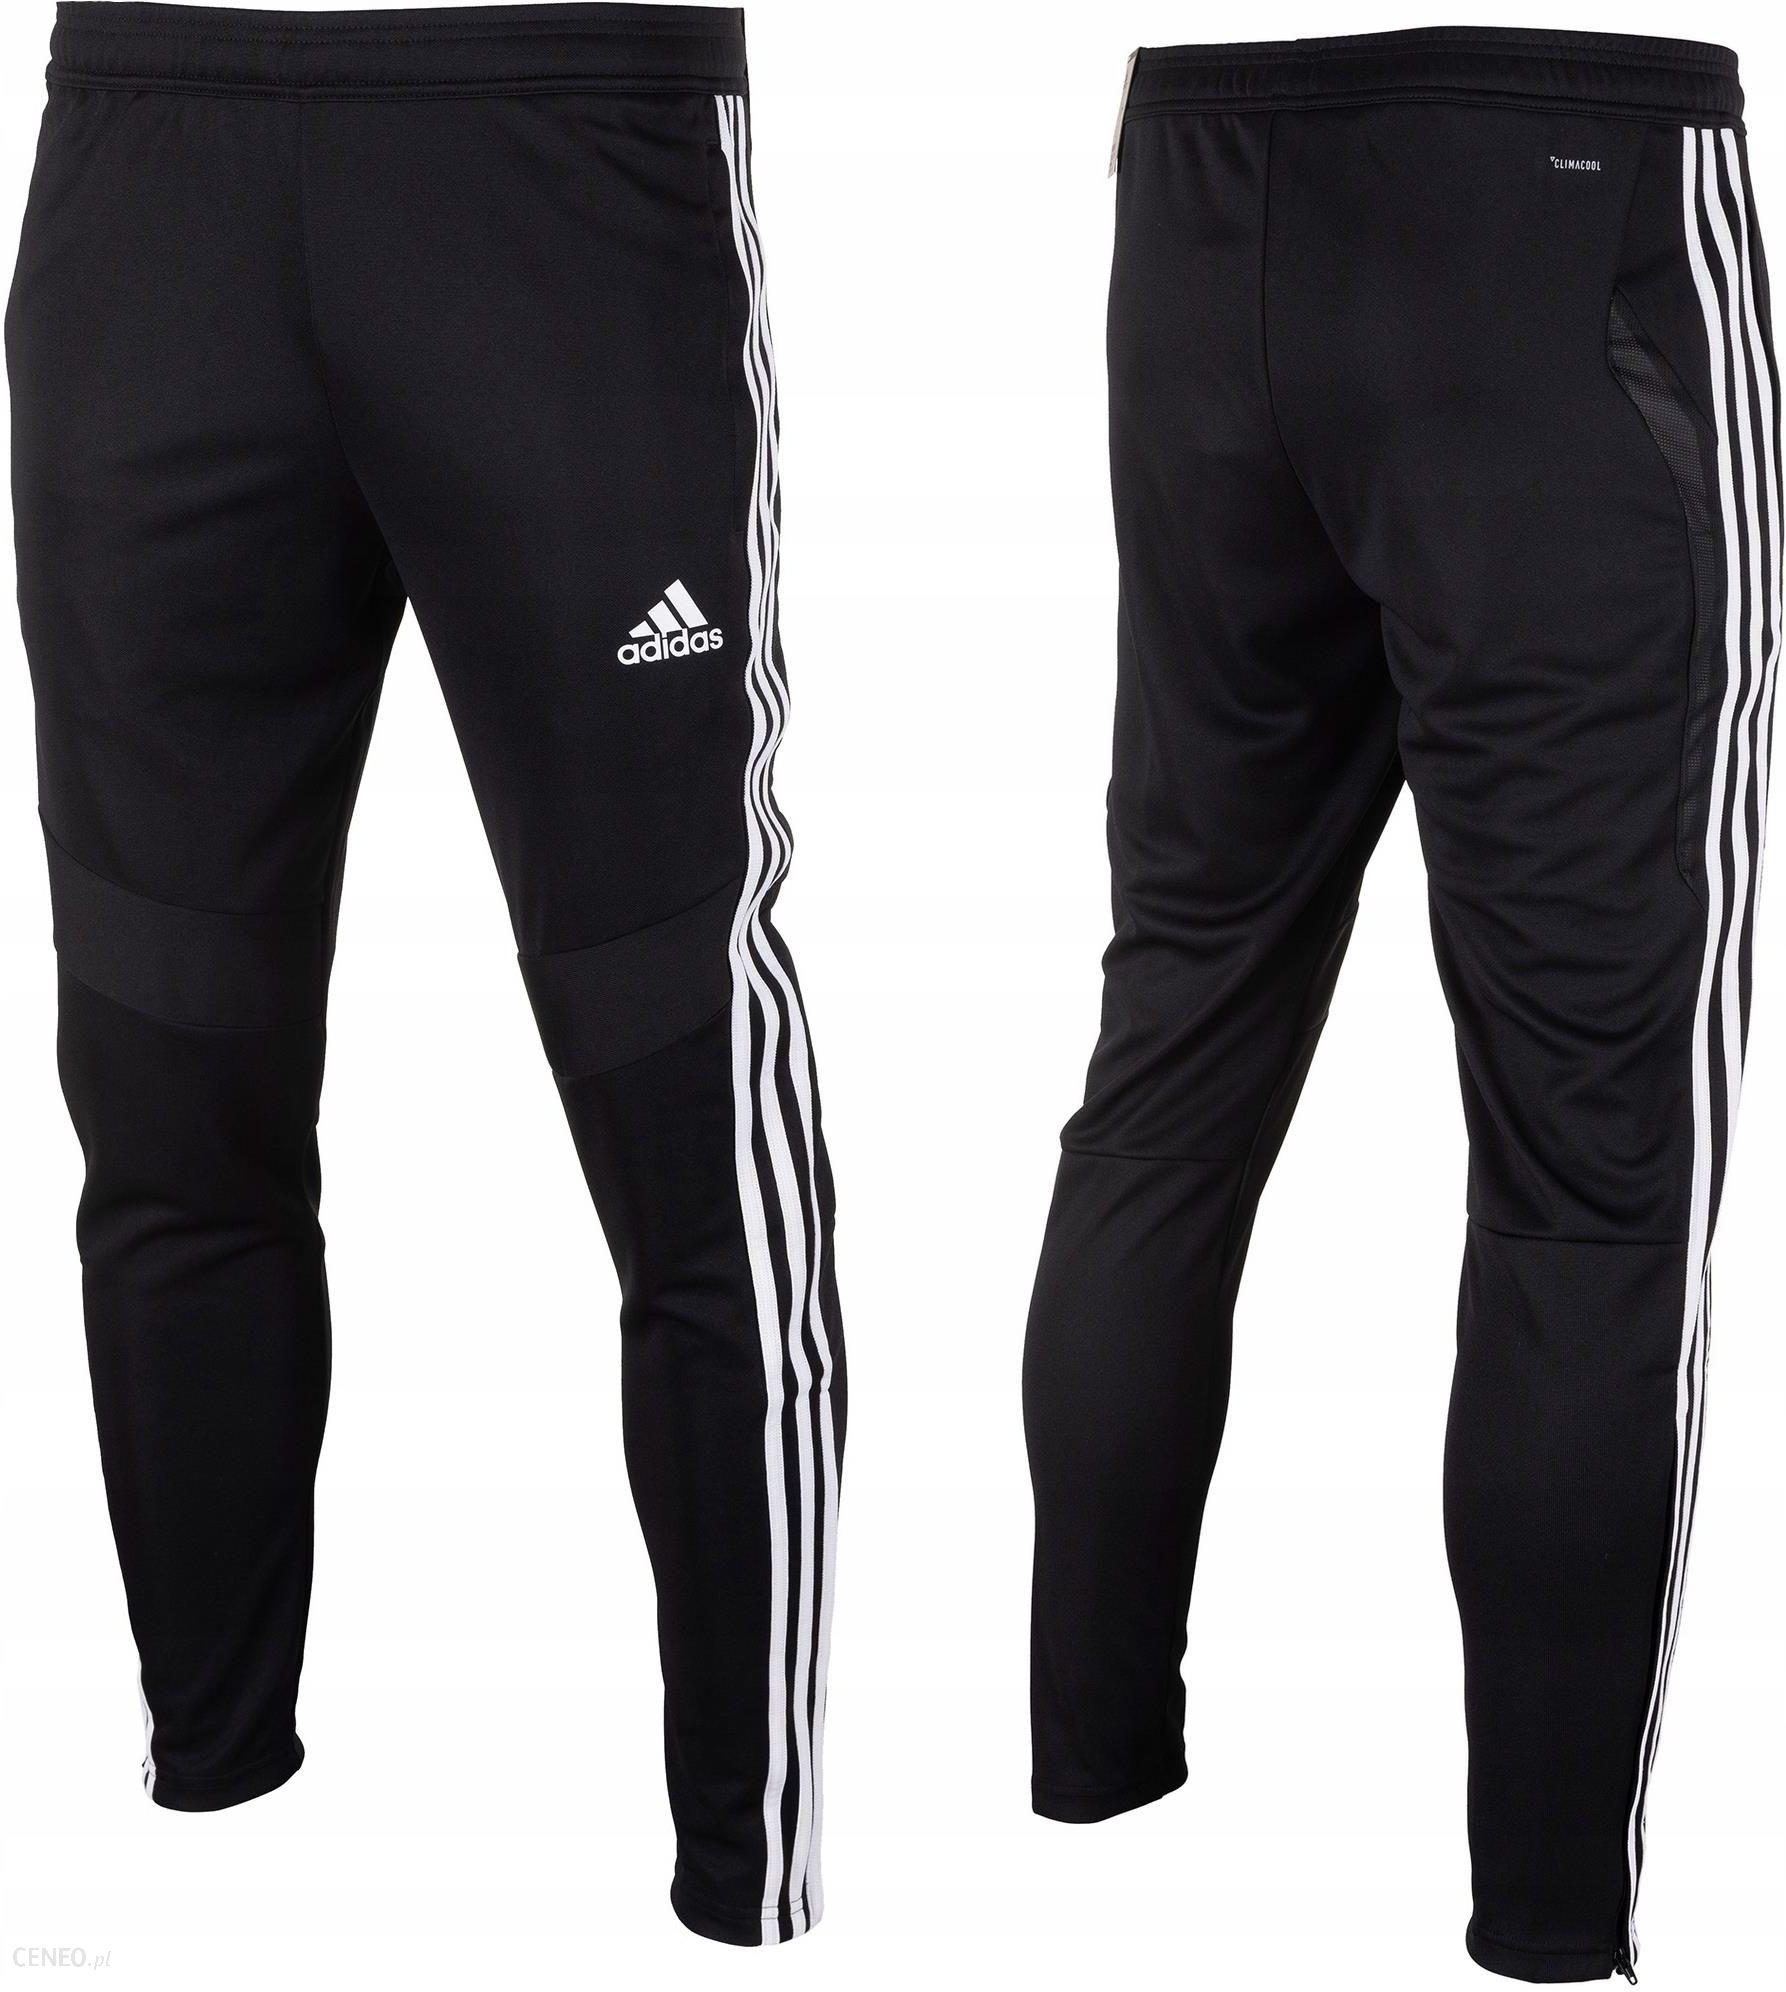 Adidas spodnie dresowe dresy Tiro 19 Junior r.128 Ceny i opinie Ceneo.pl